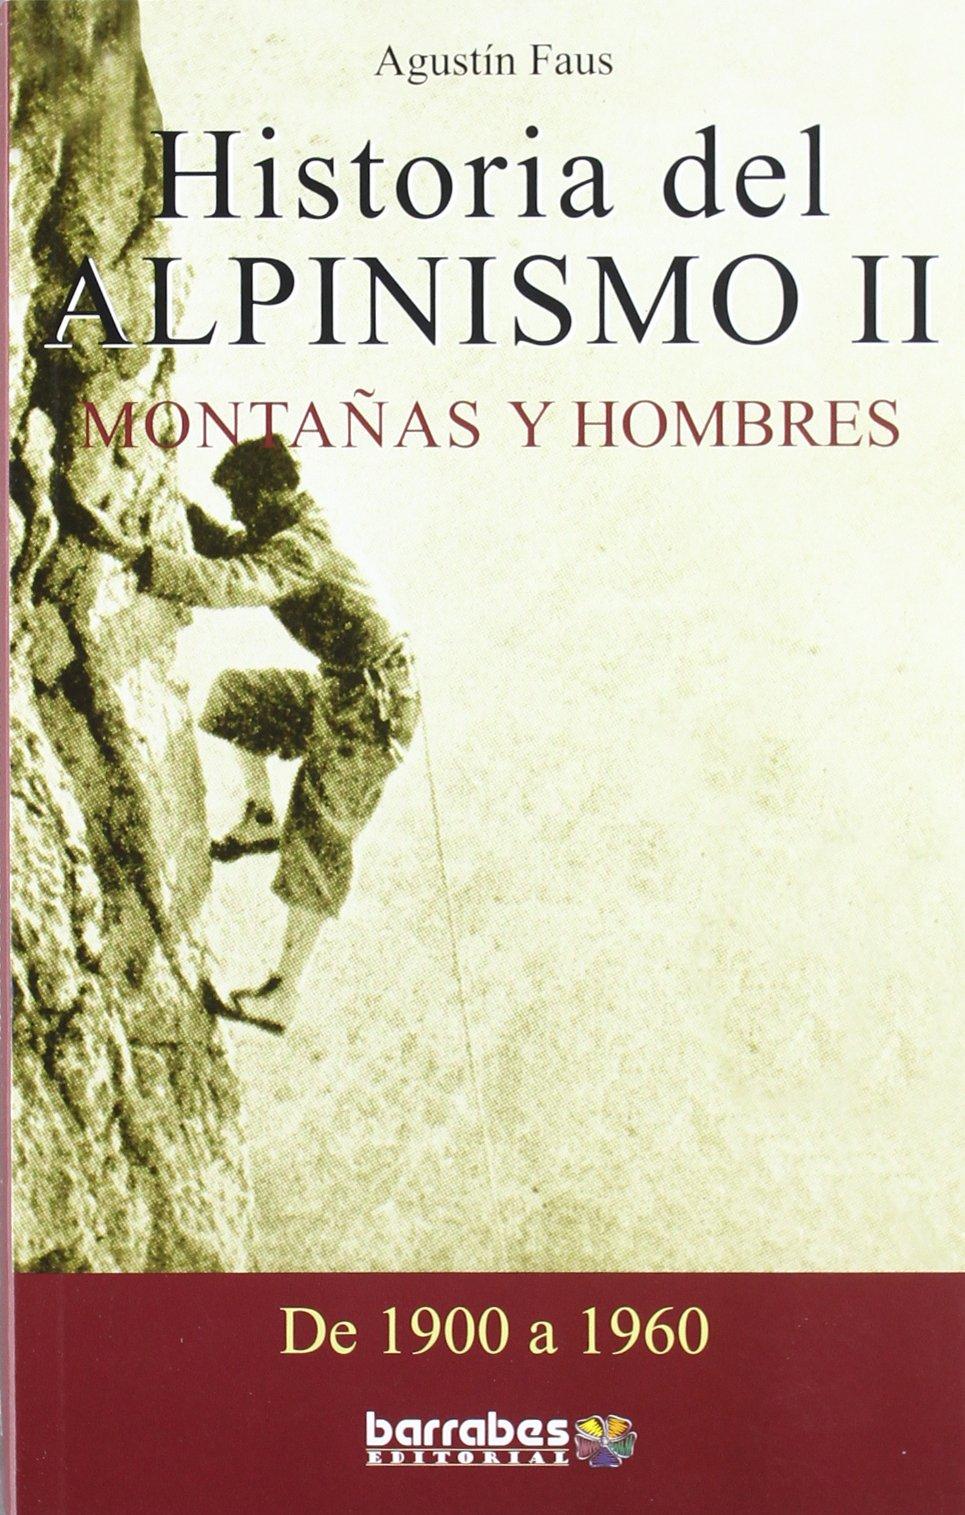 Historia del alpinismo II 1900-1960 - montañas y hombres ...